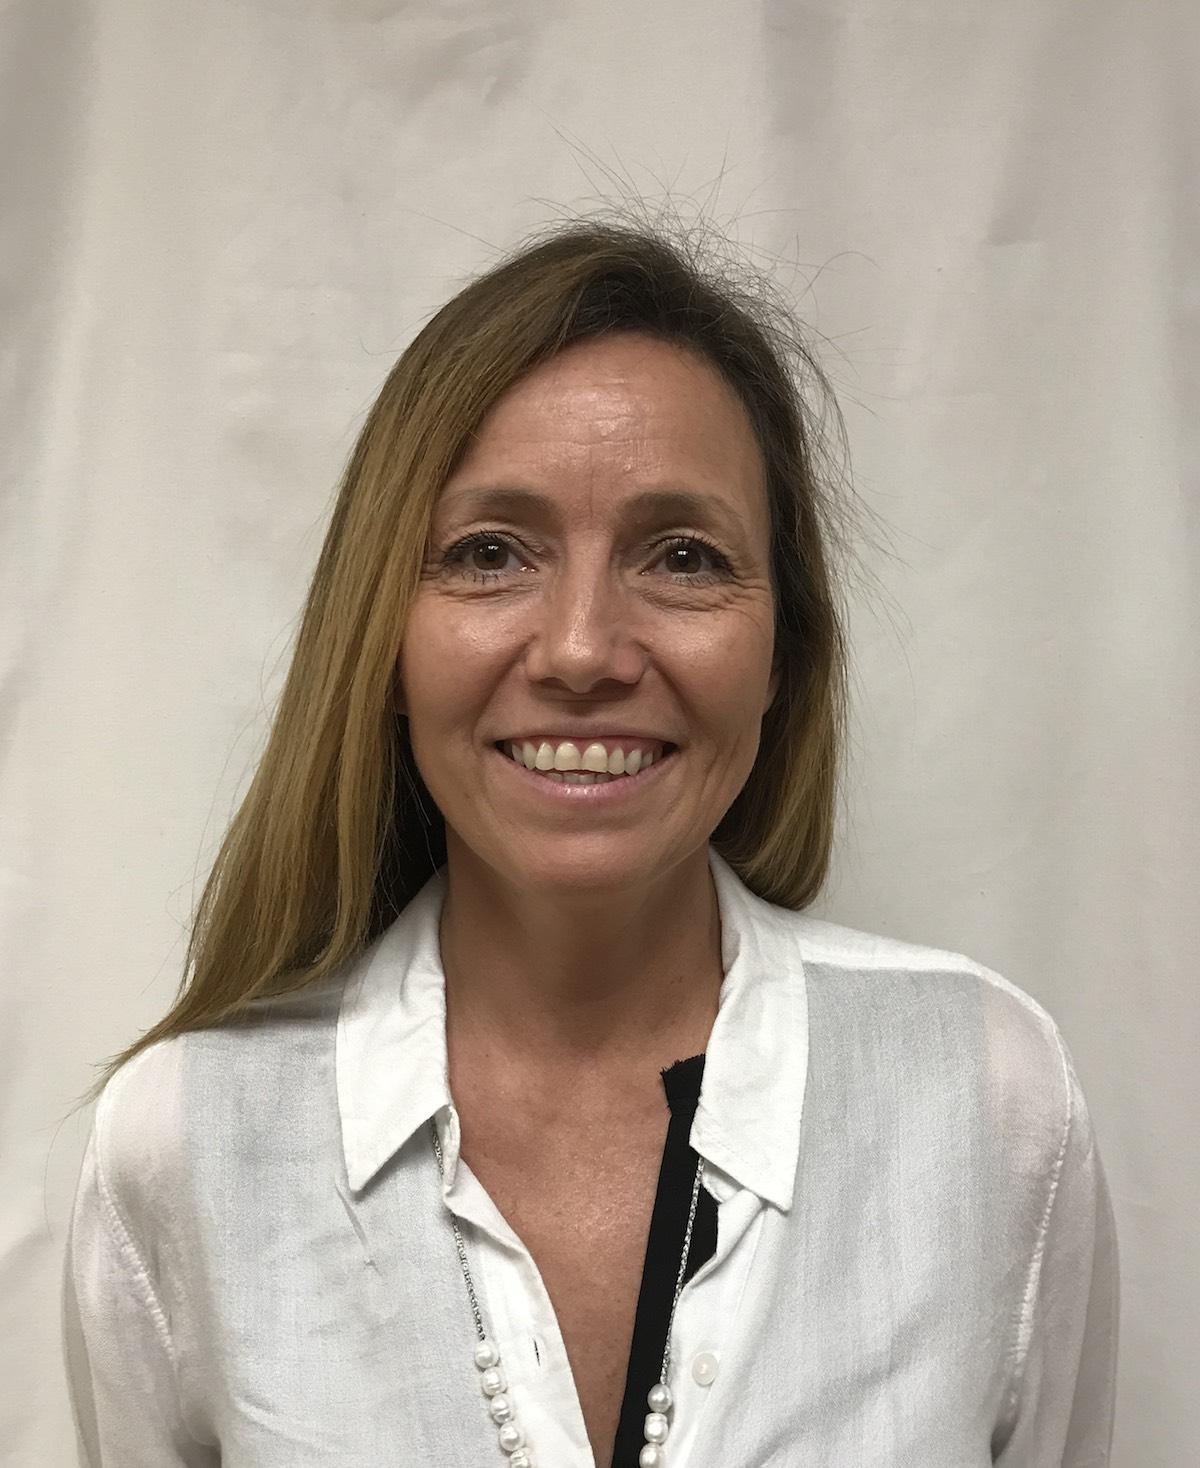 Headshot of Kimberly Hendrickson